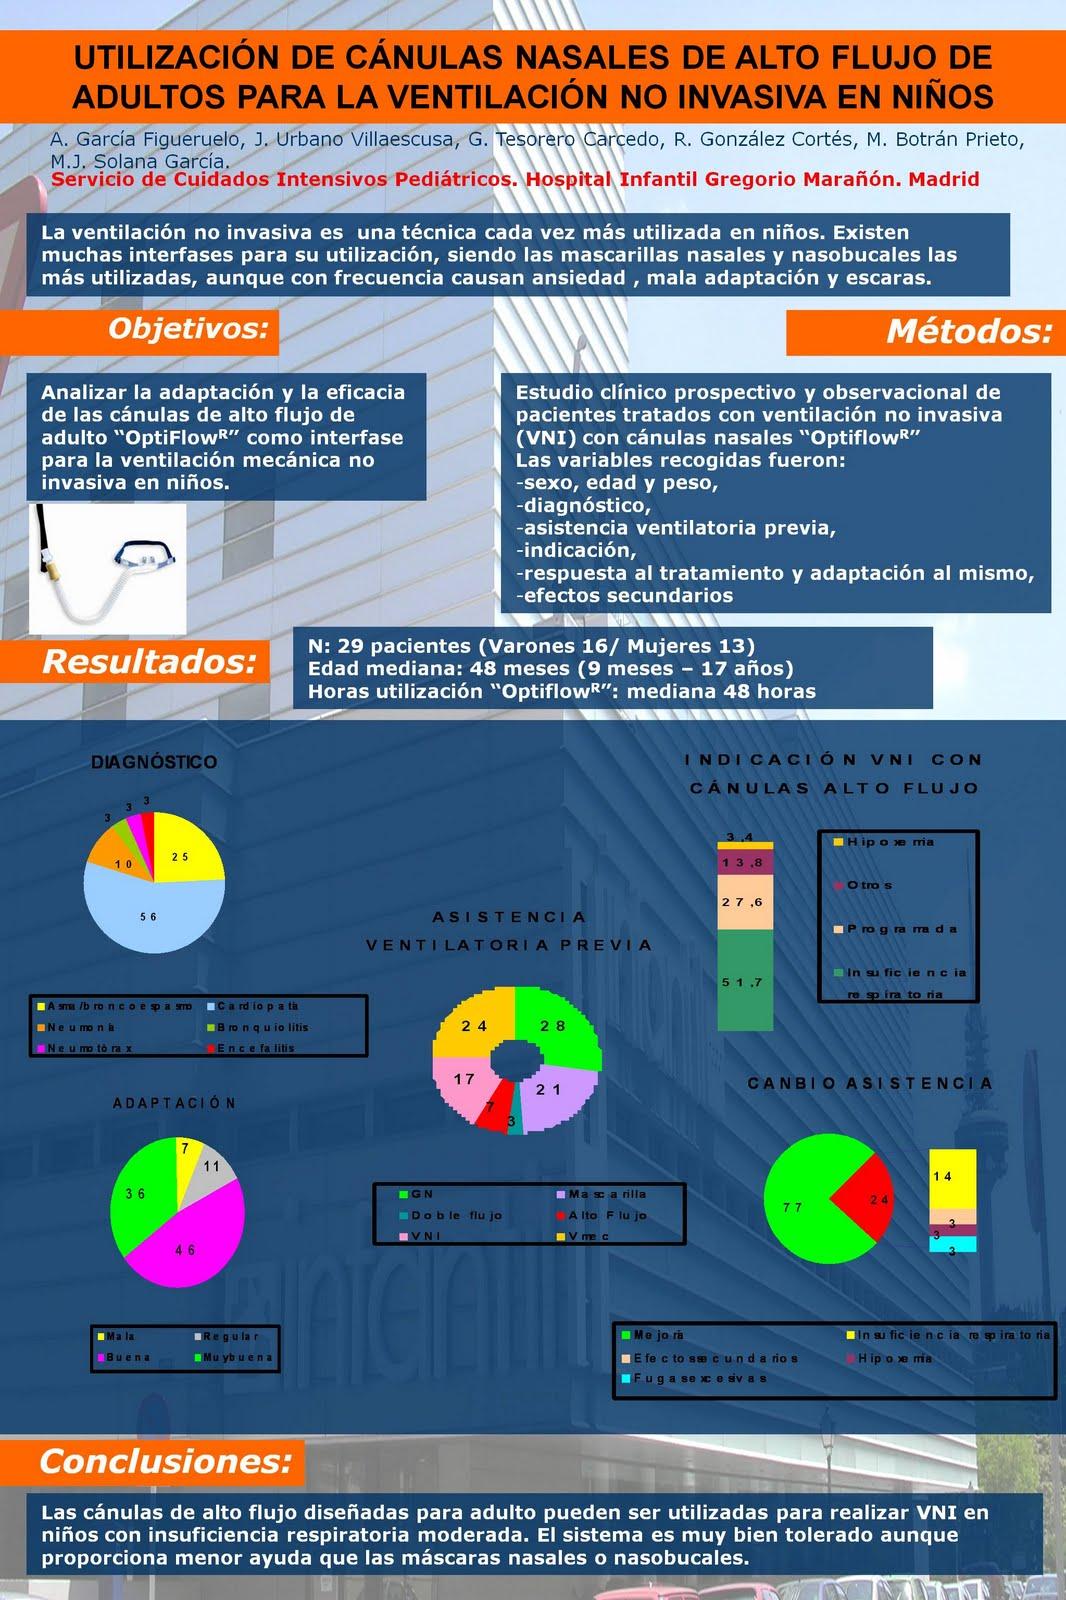 taller-pruebas: Sobre cómo elaborar poster científicos